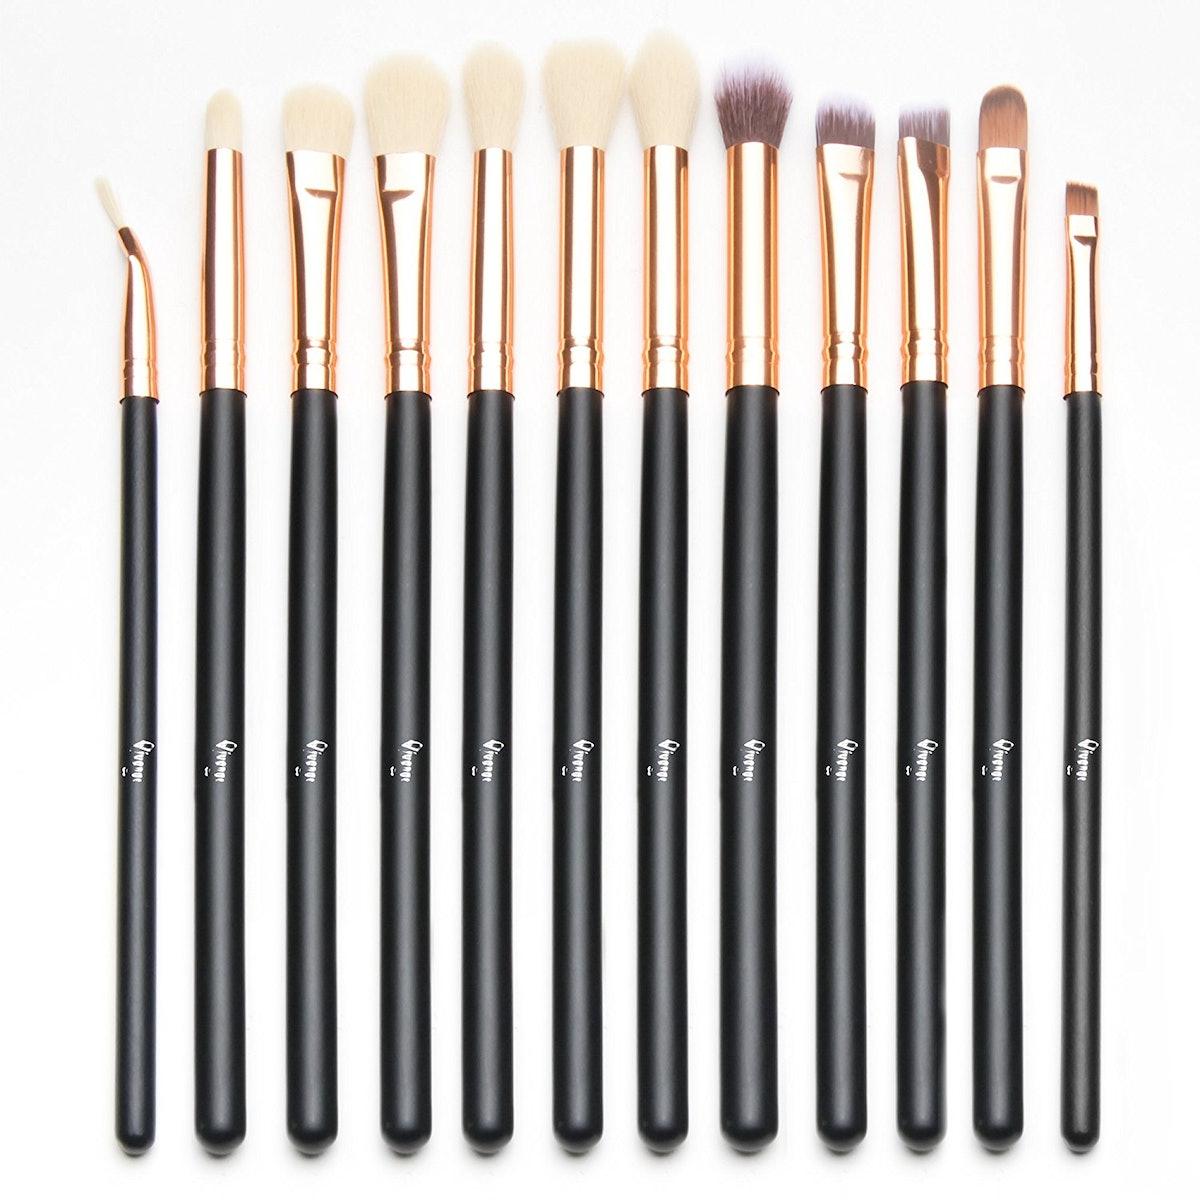 Qivange Eye Brush Set (Set of 12)